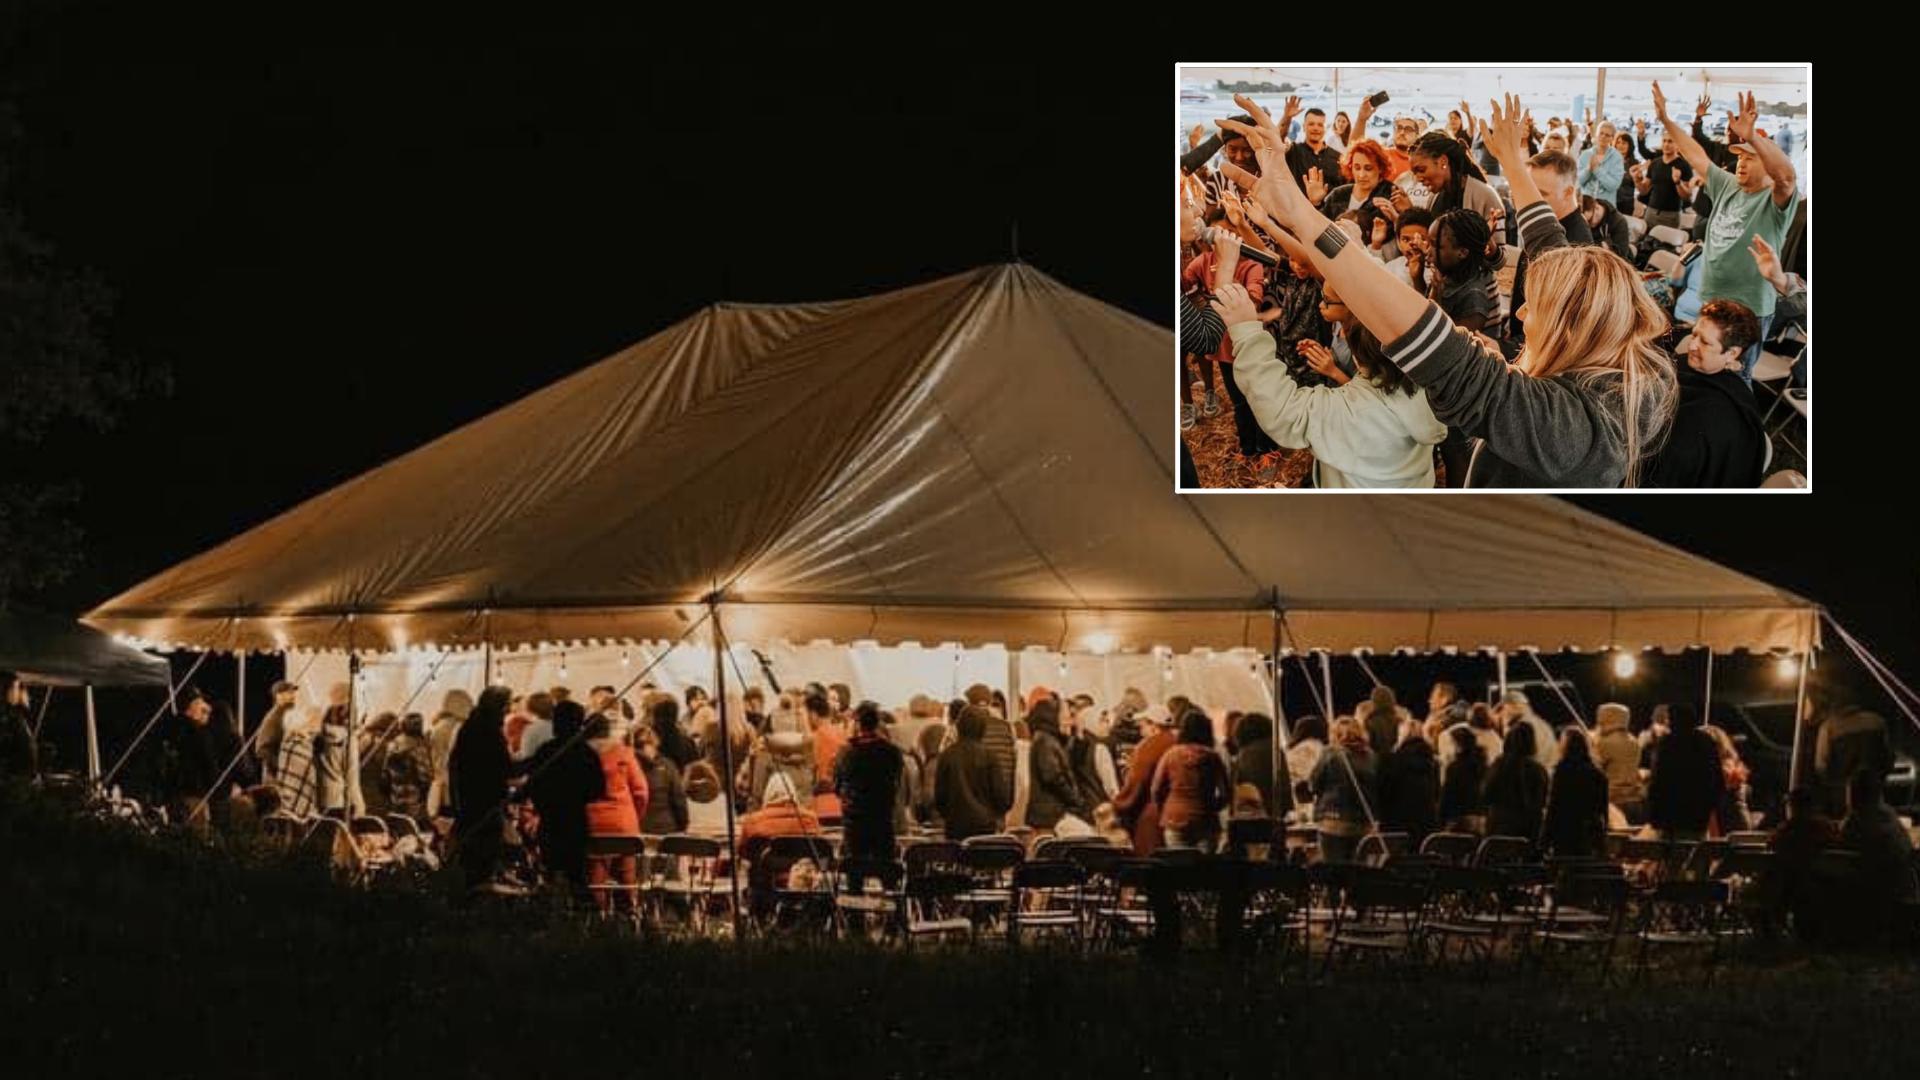 Evangelismo: Pastor monta tenda à beira de estrada e leva centenas a Jesus